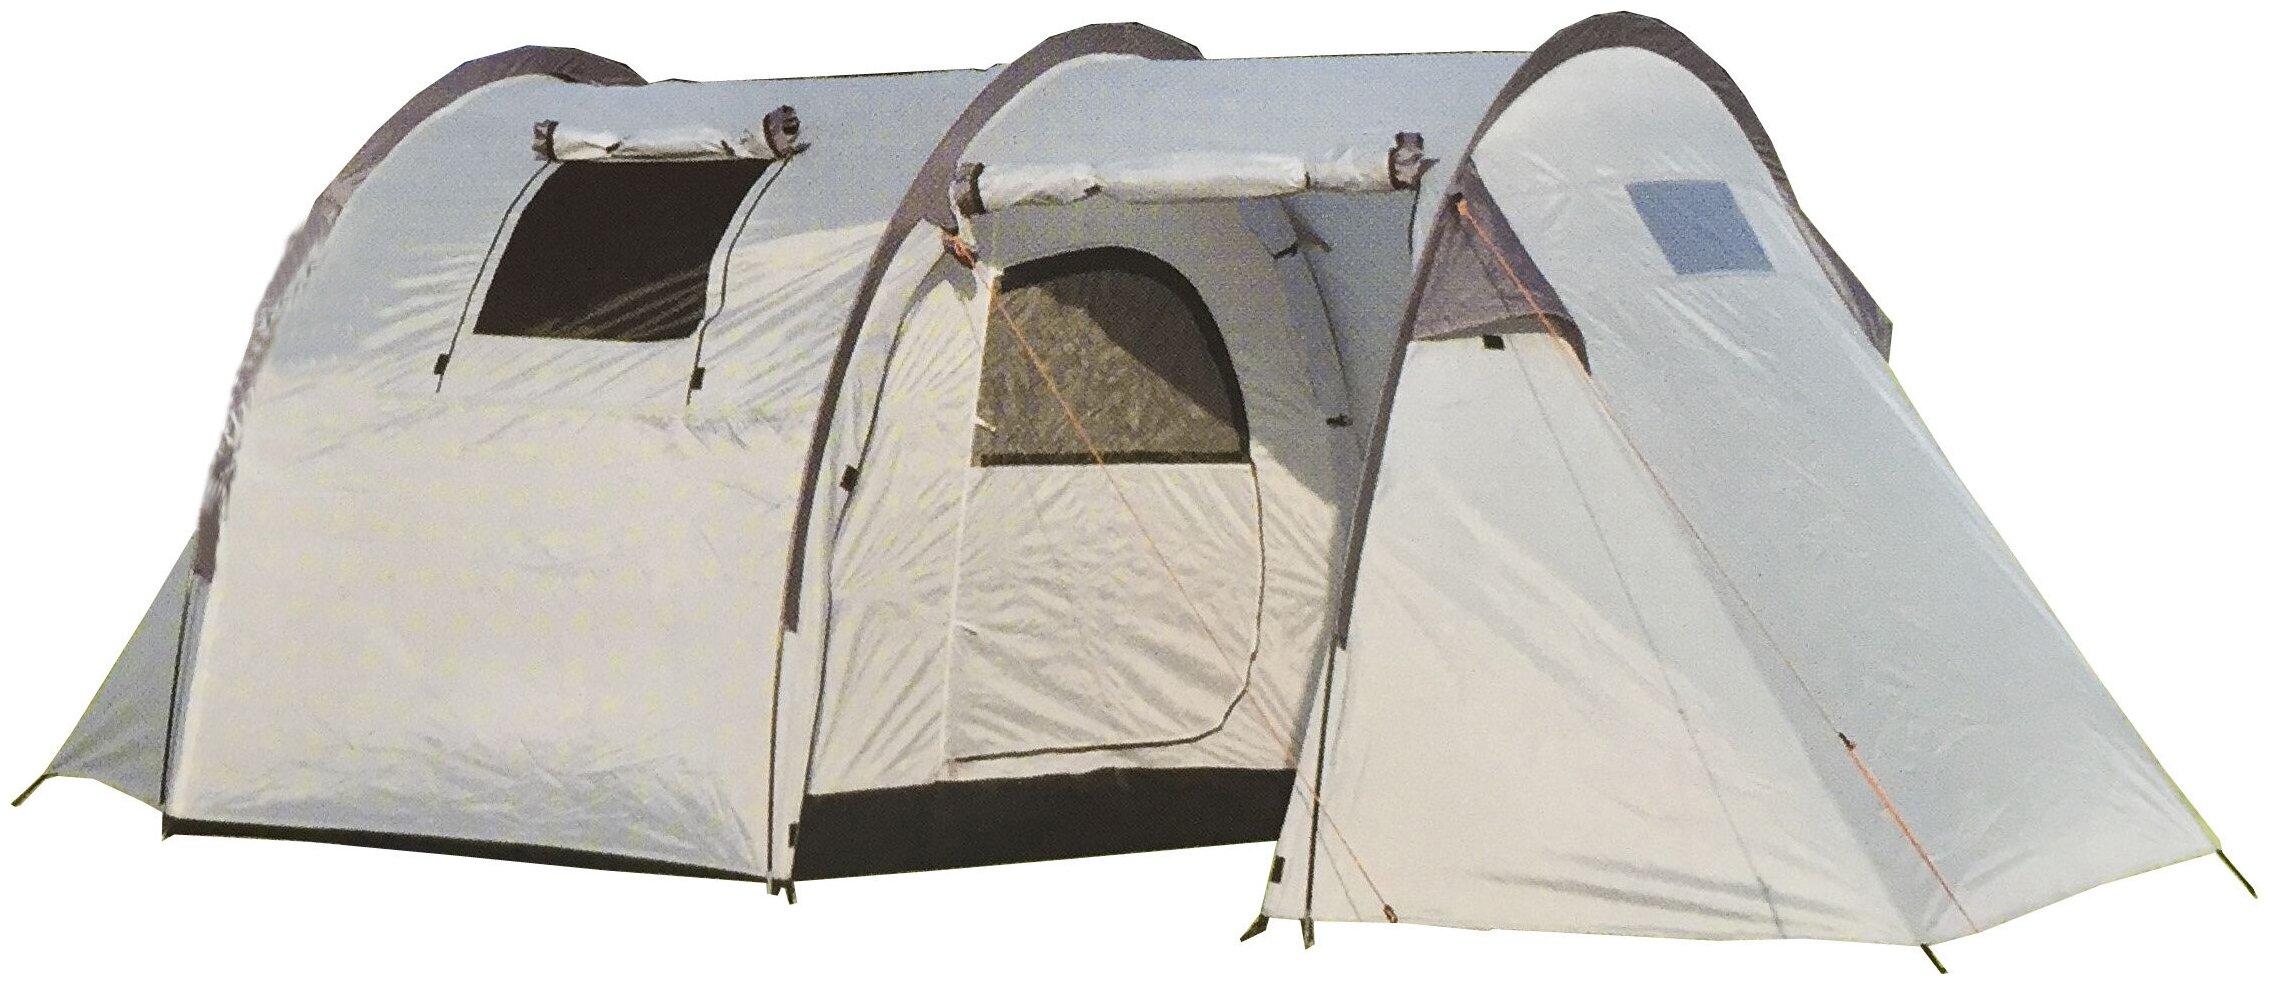 Палатка LANYU LY-1909